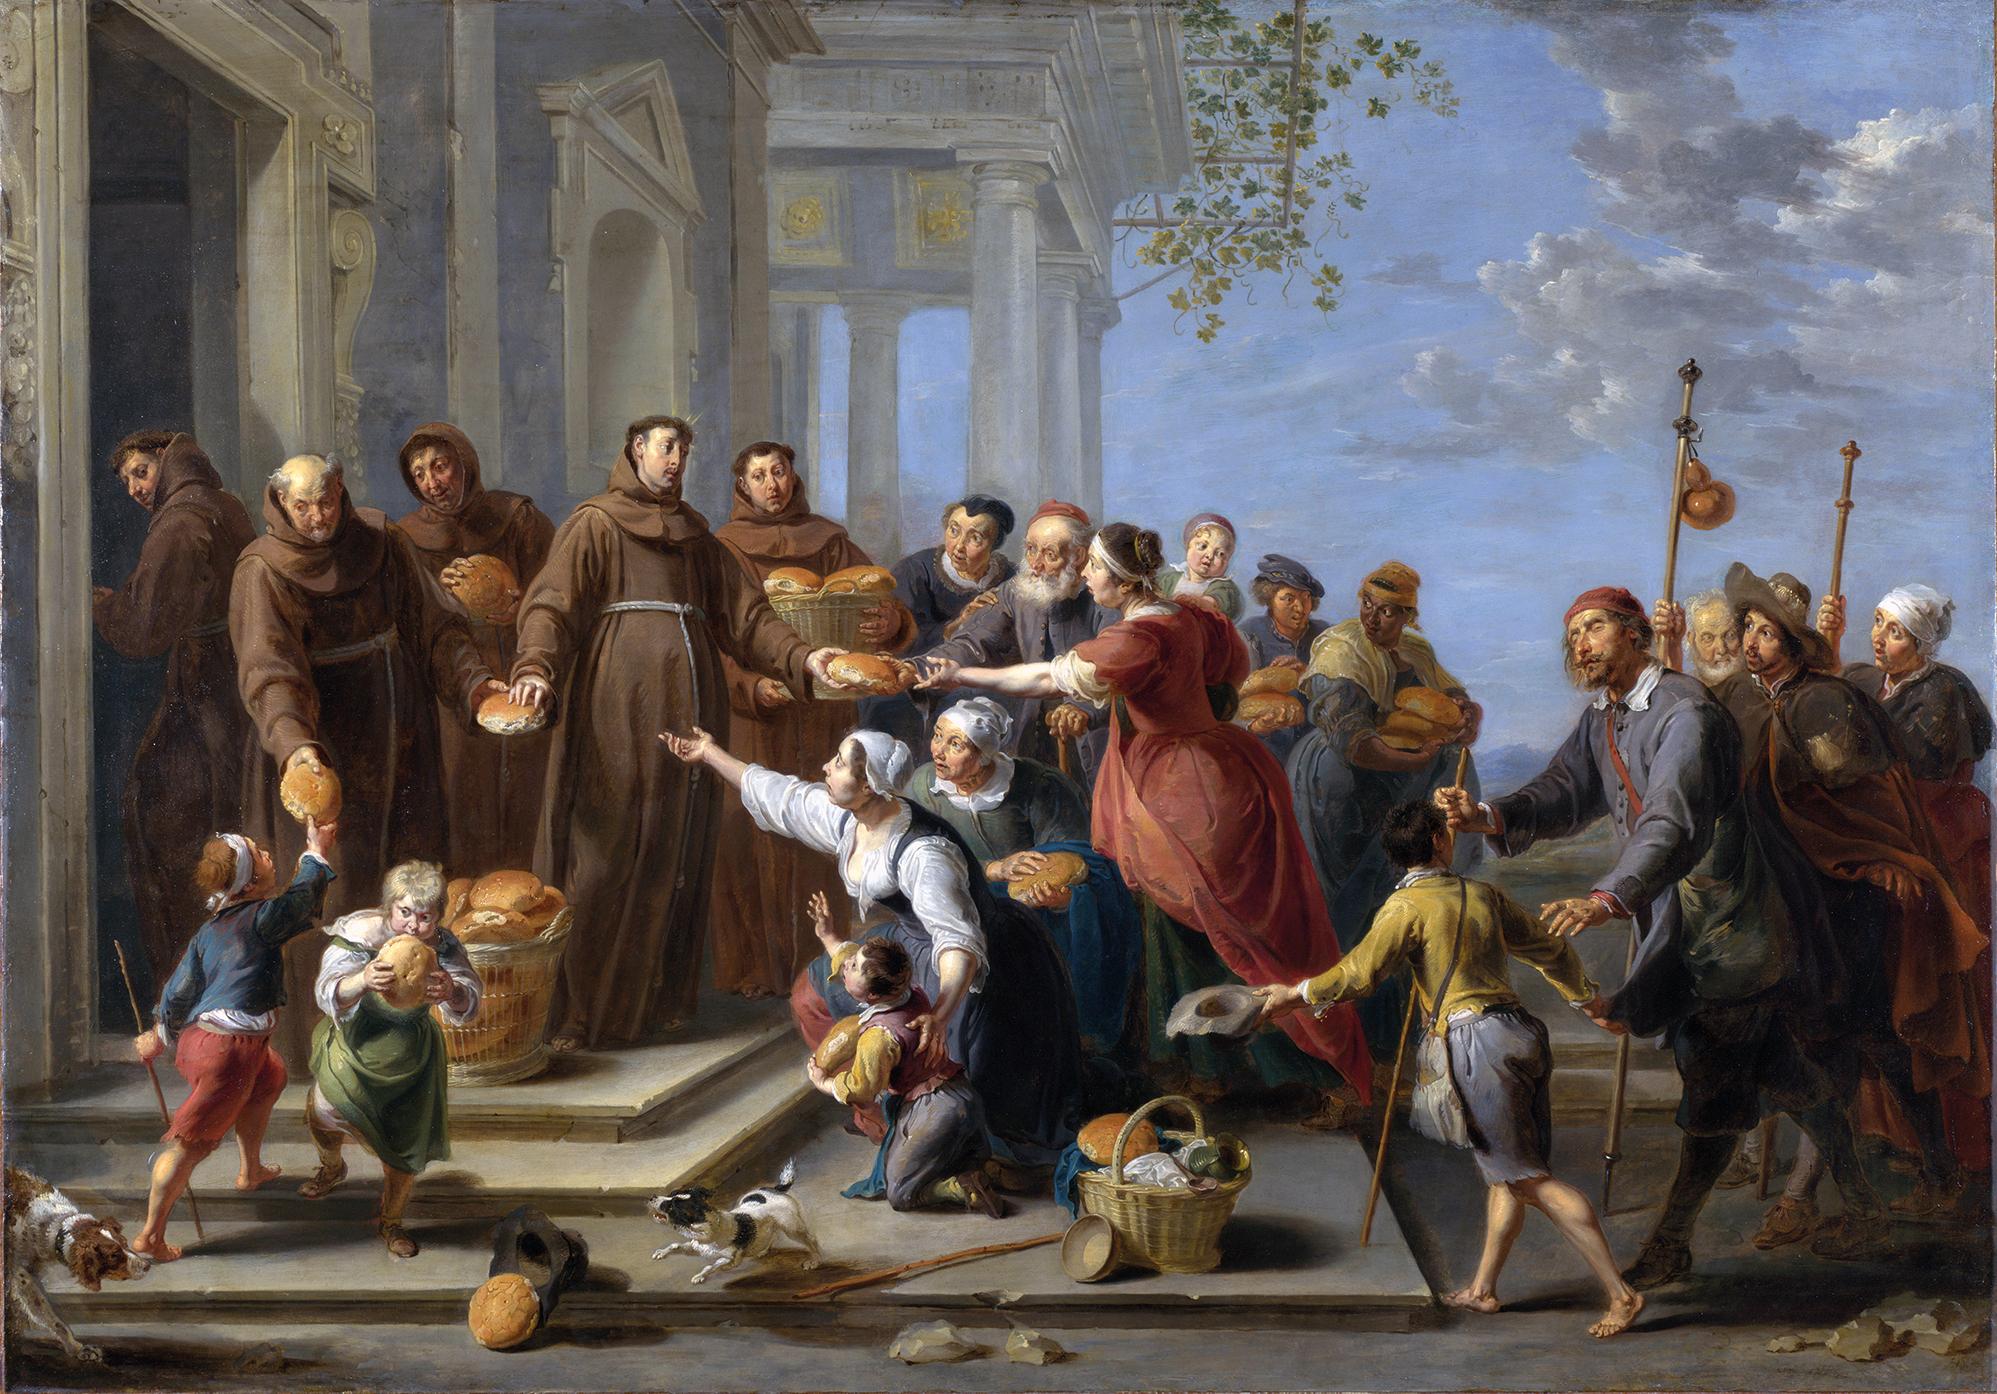 Santo António e outros frades distribuindo o pão aos pobres, óleo sobre cobre de Willem van Herp o Velho, 1662, National Gallery, Londres, Inglaterra | Wikimedia Commons.